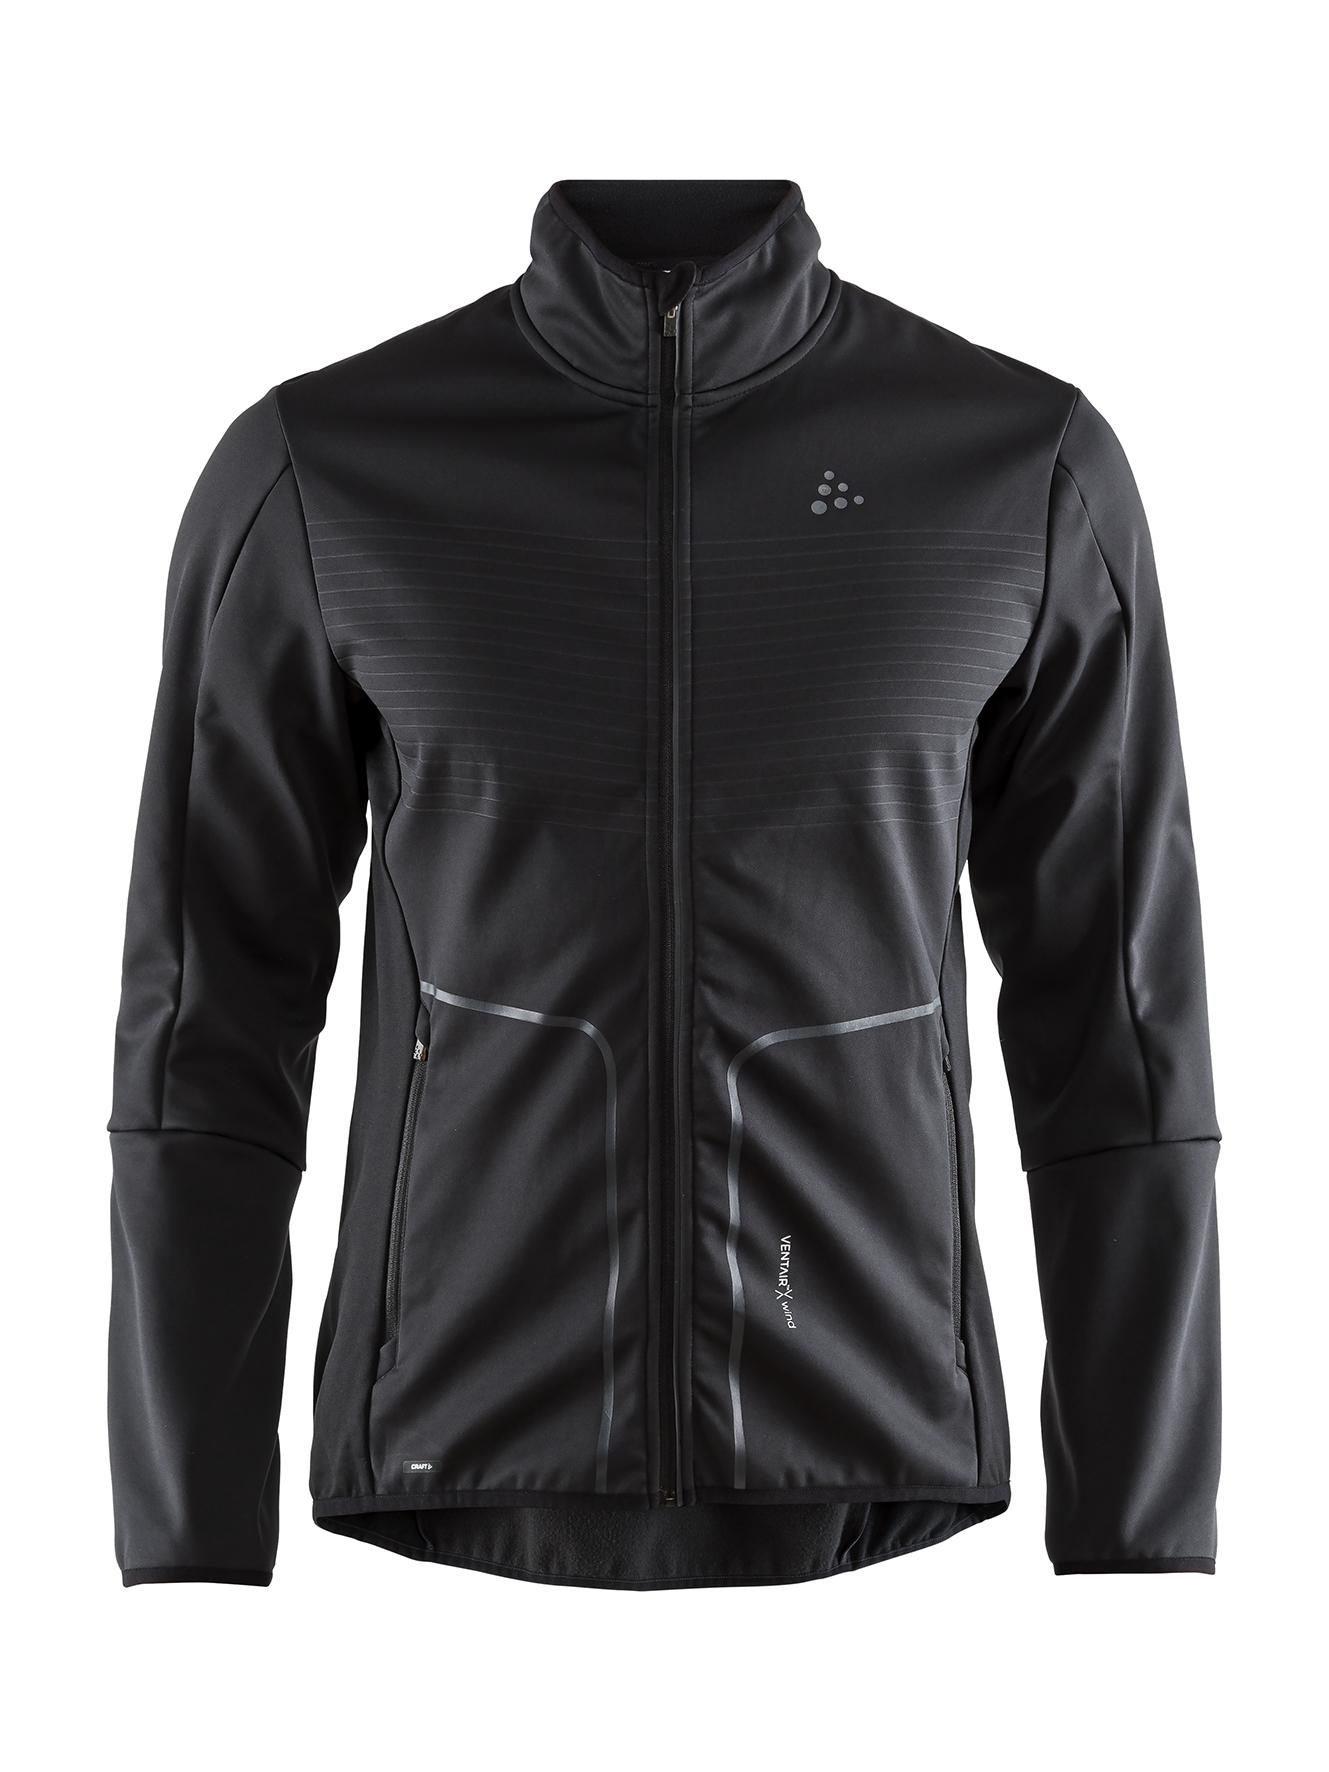 dcd02f3321be8 Куртка лыжная Craft Sharp Softshell XC мужская 1906538 купить в ...